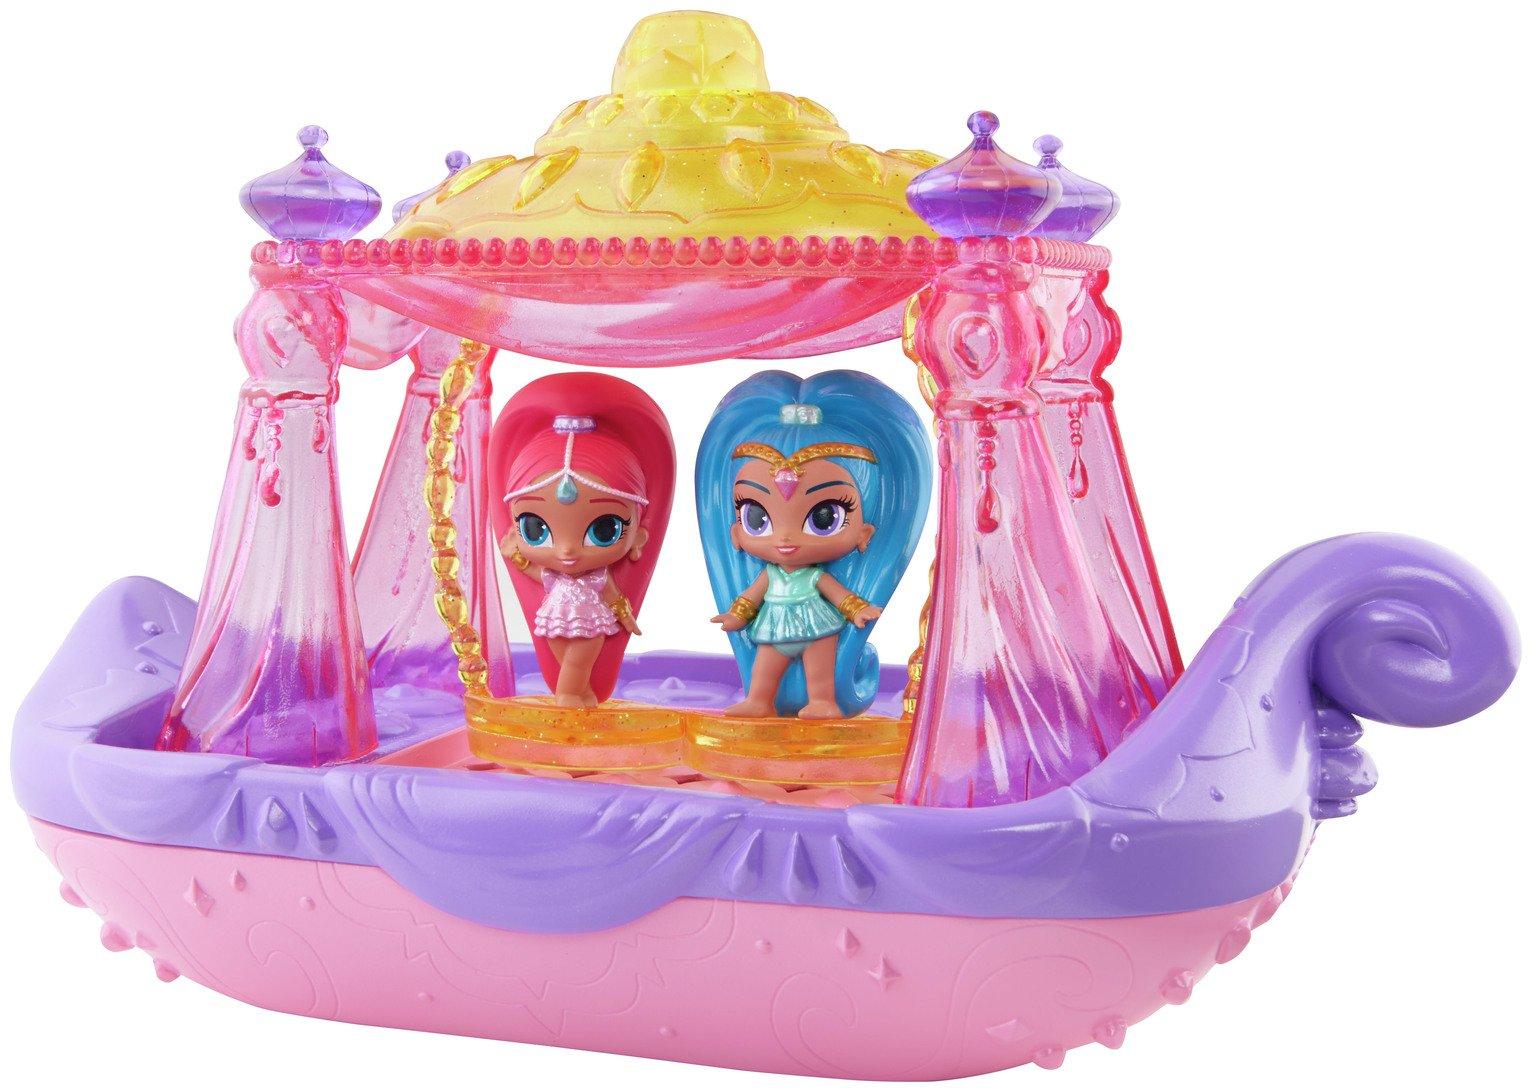 Shimmer and Shine Swing & Splash Genie Boat